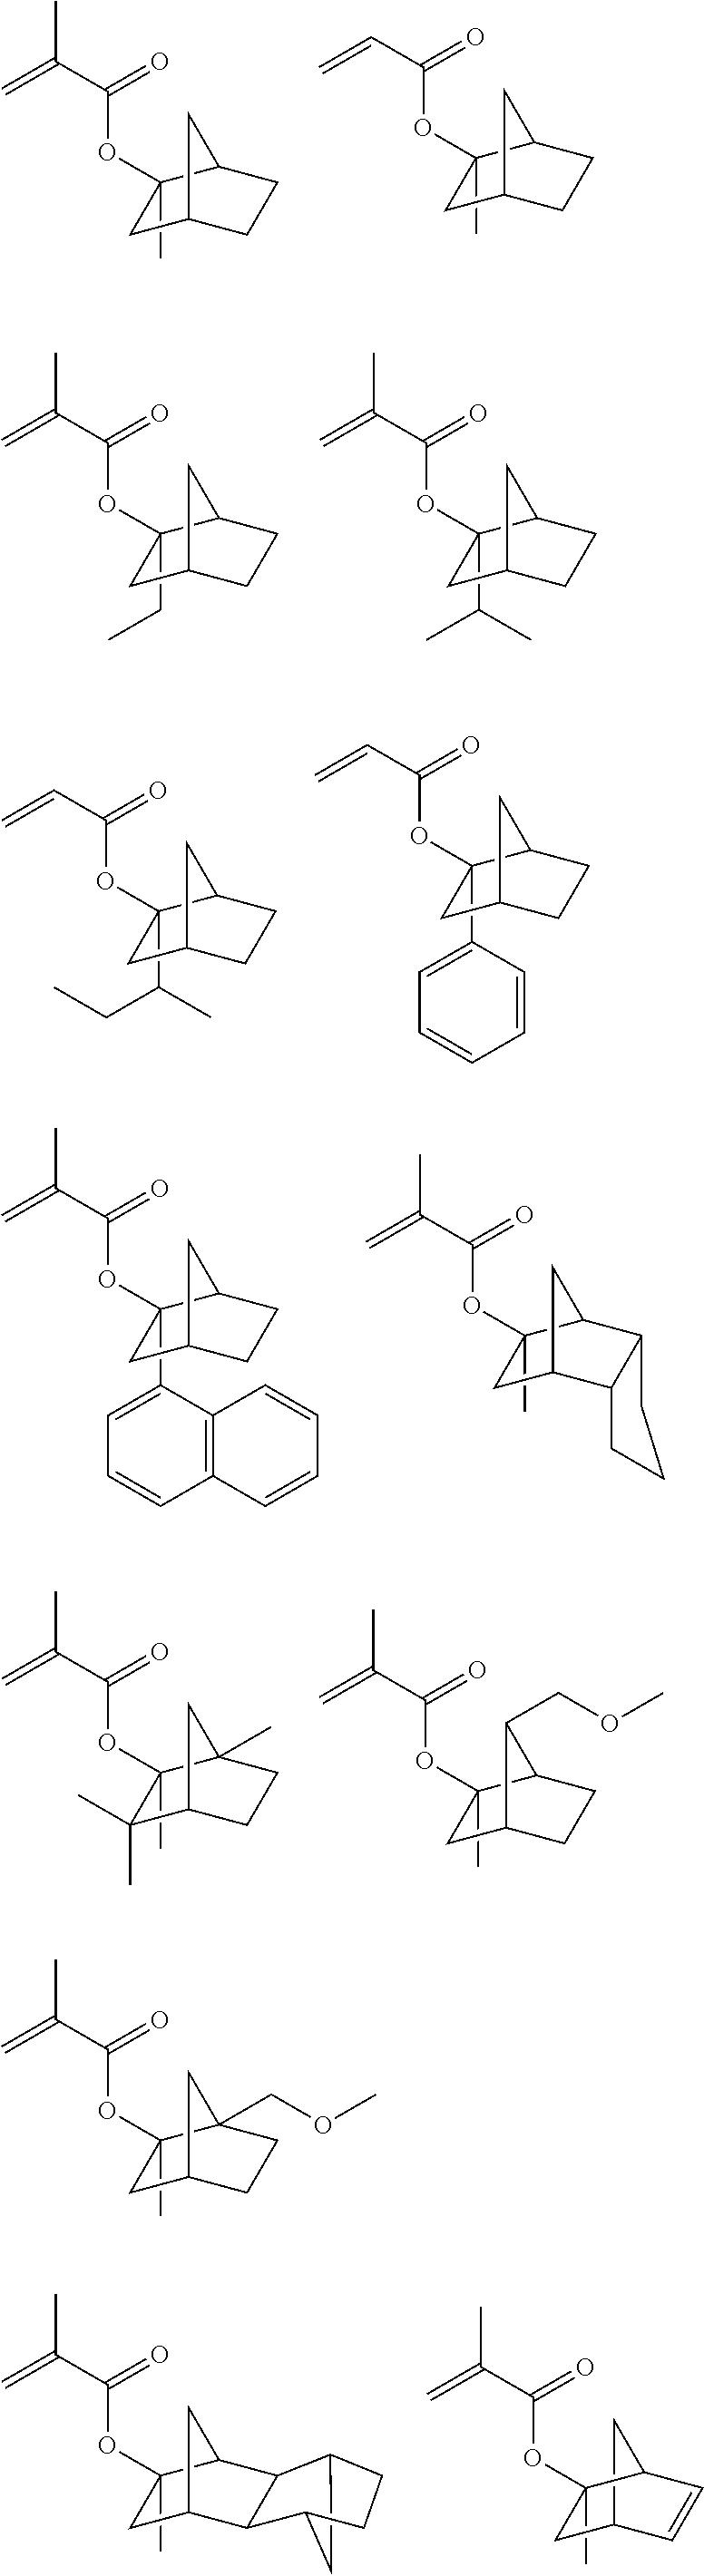 Figure US08652756-20140218-C00015